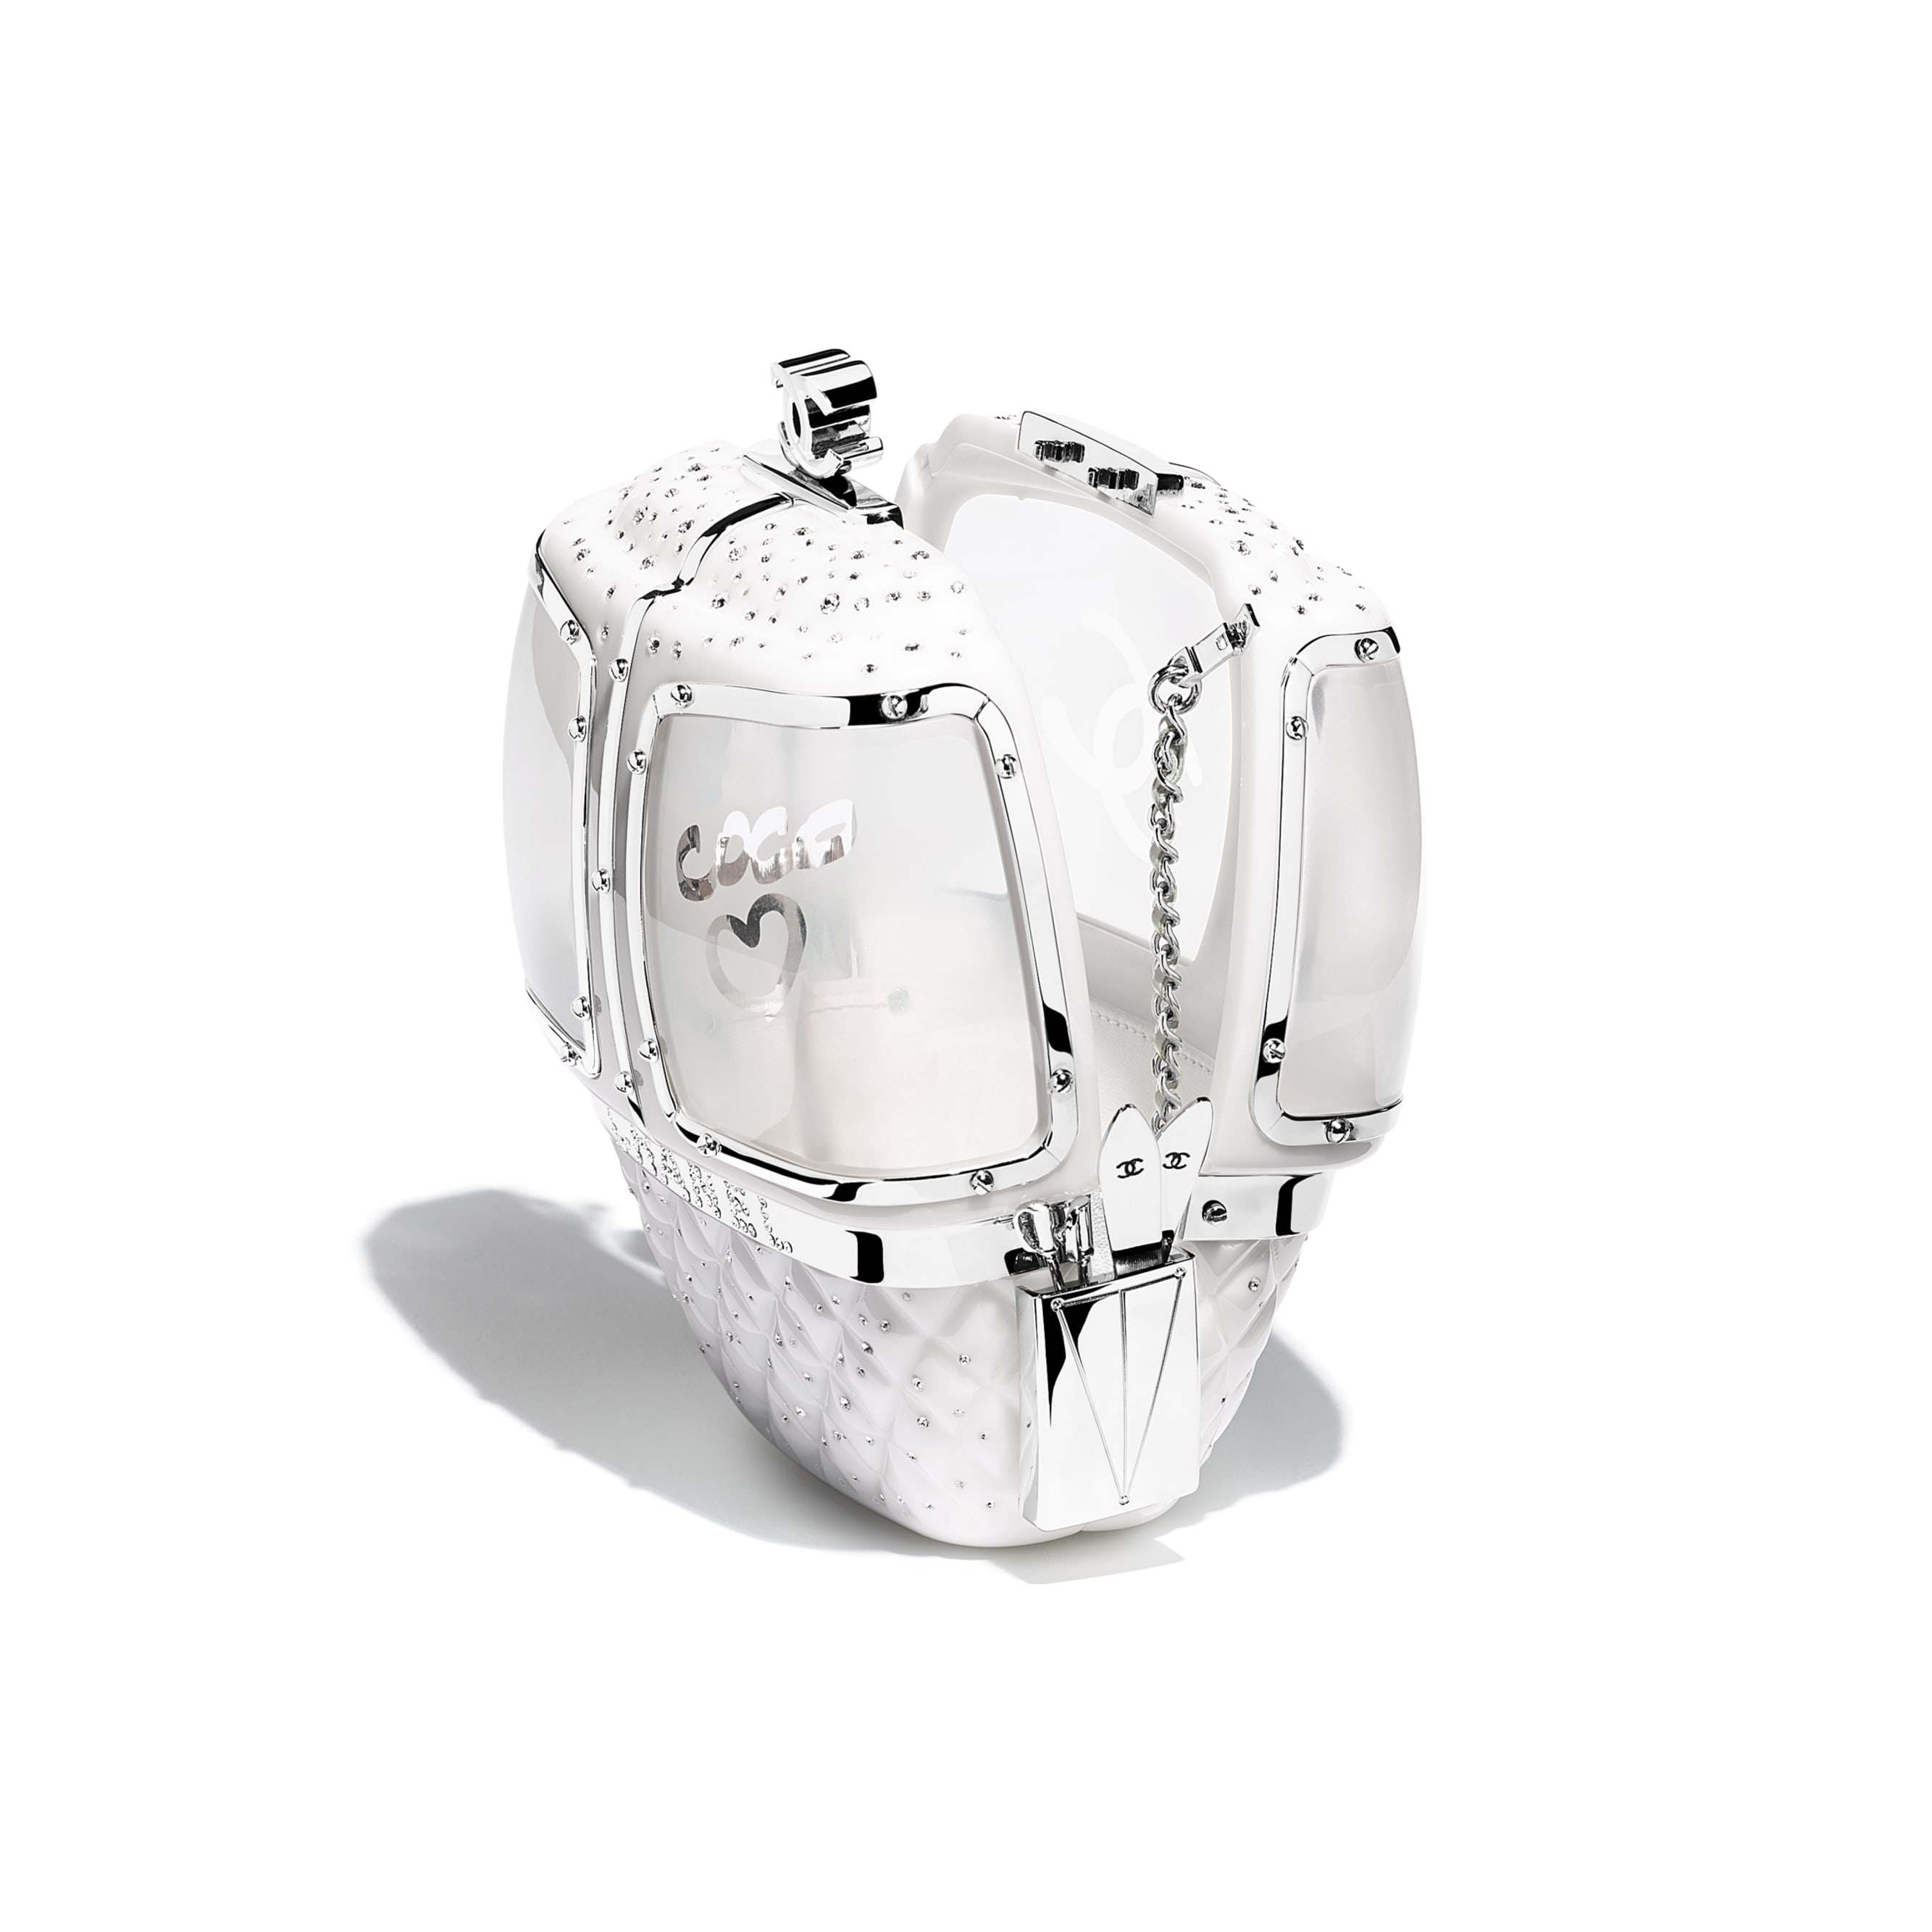 กระเป๋าสำหรับงานกลางคืน - สีขาว - เรซิน, คริสตัล และโลหะสีเงิน - มุมมองอื่น - ดูเวอร์ชันขนาดมาตรฐาน